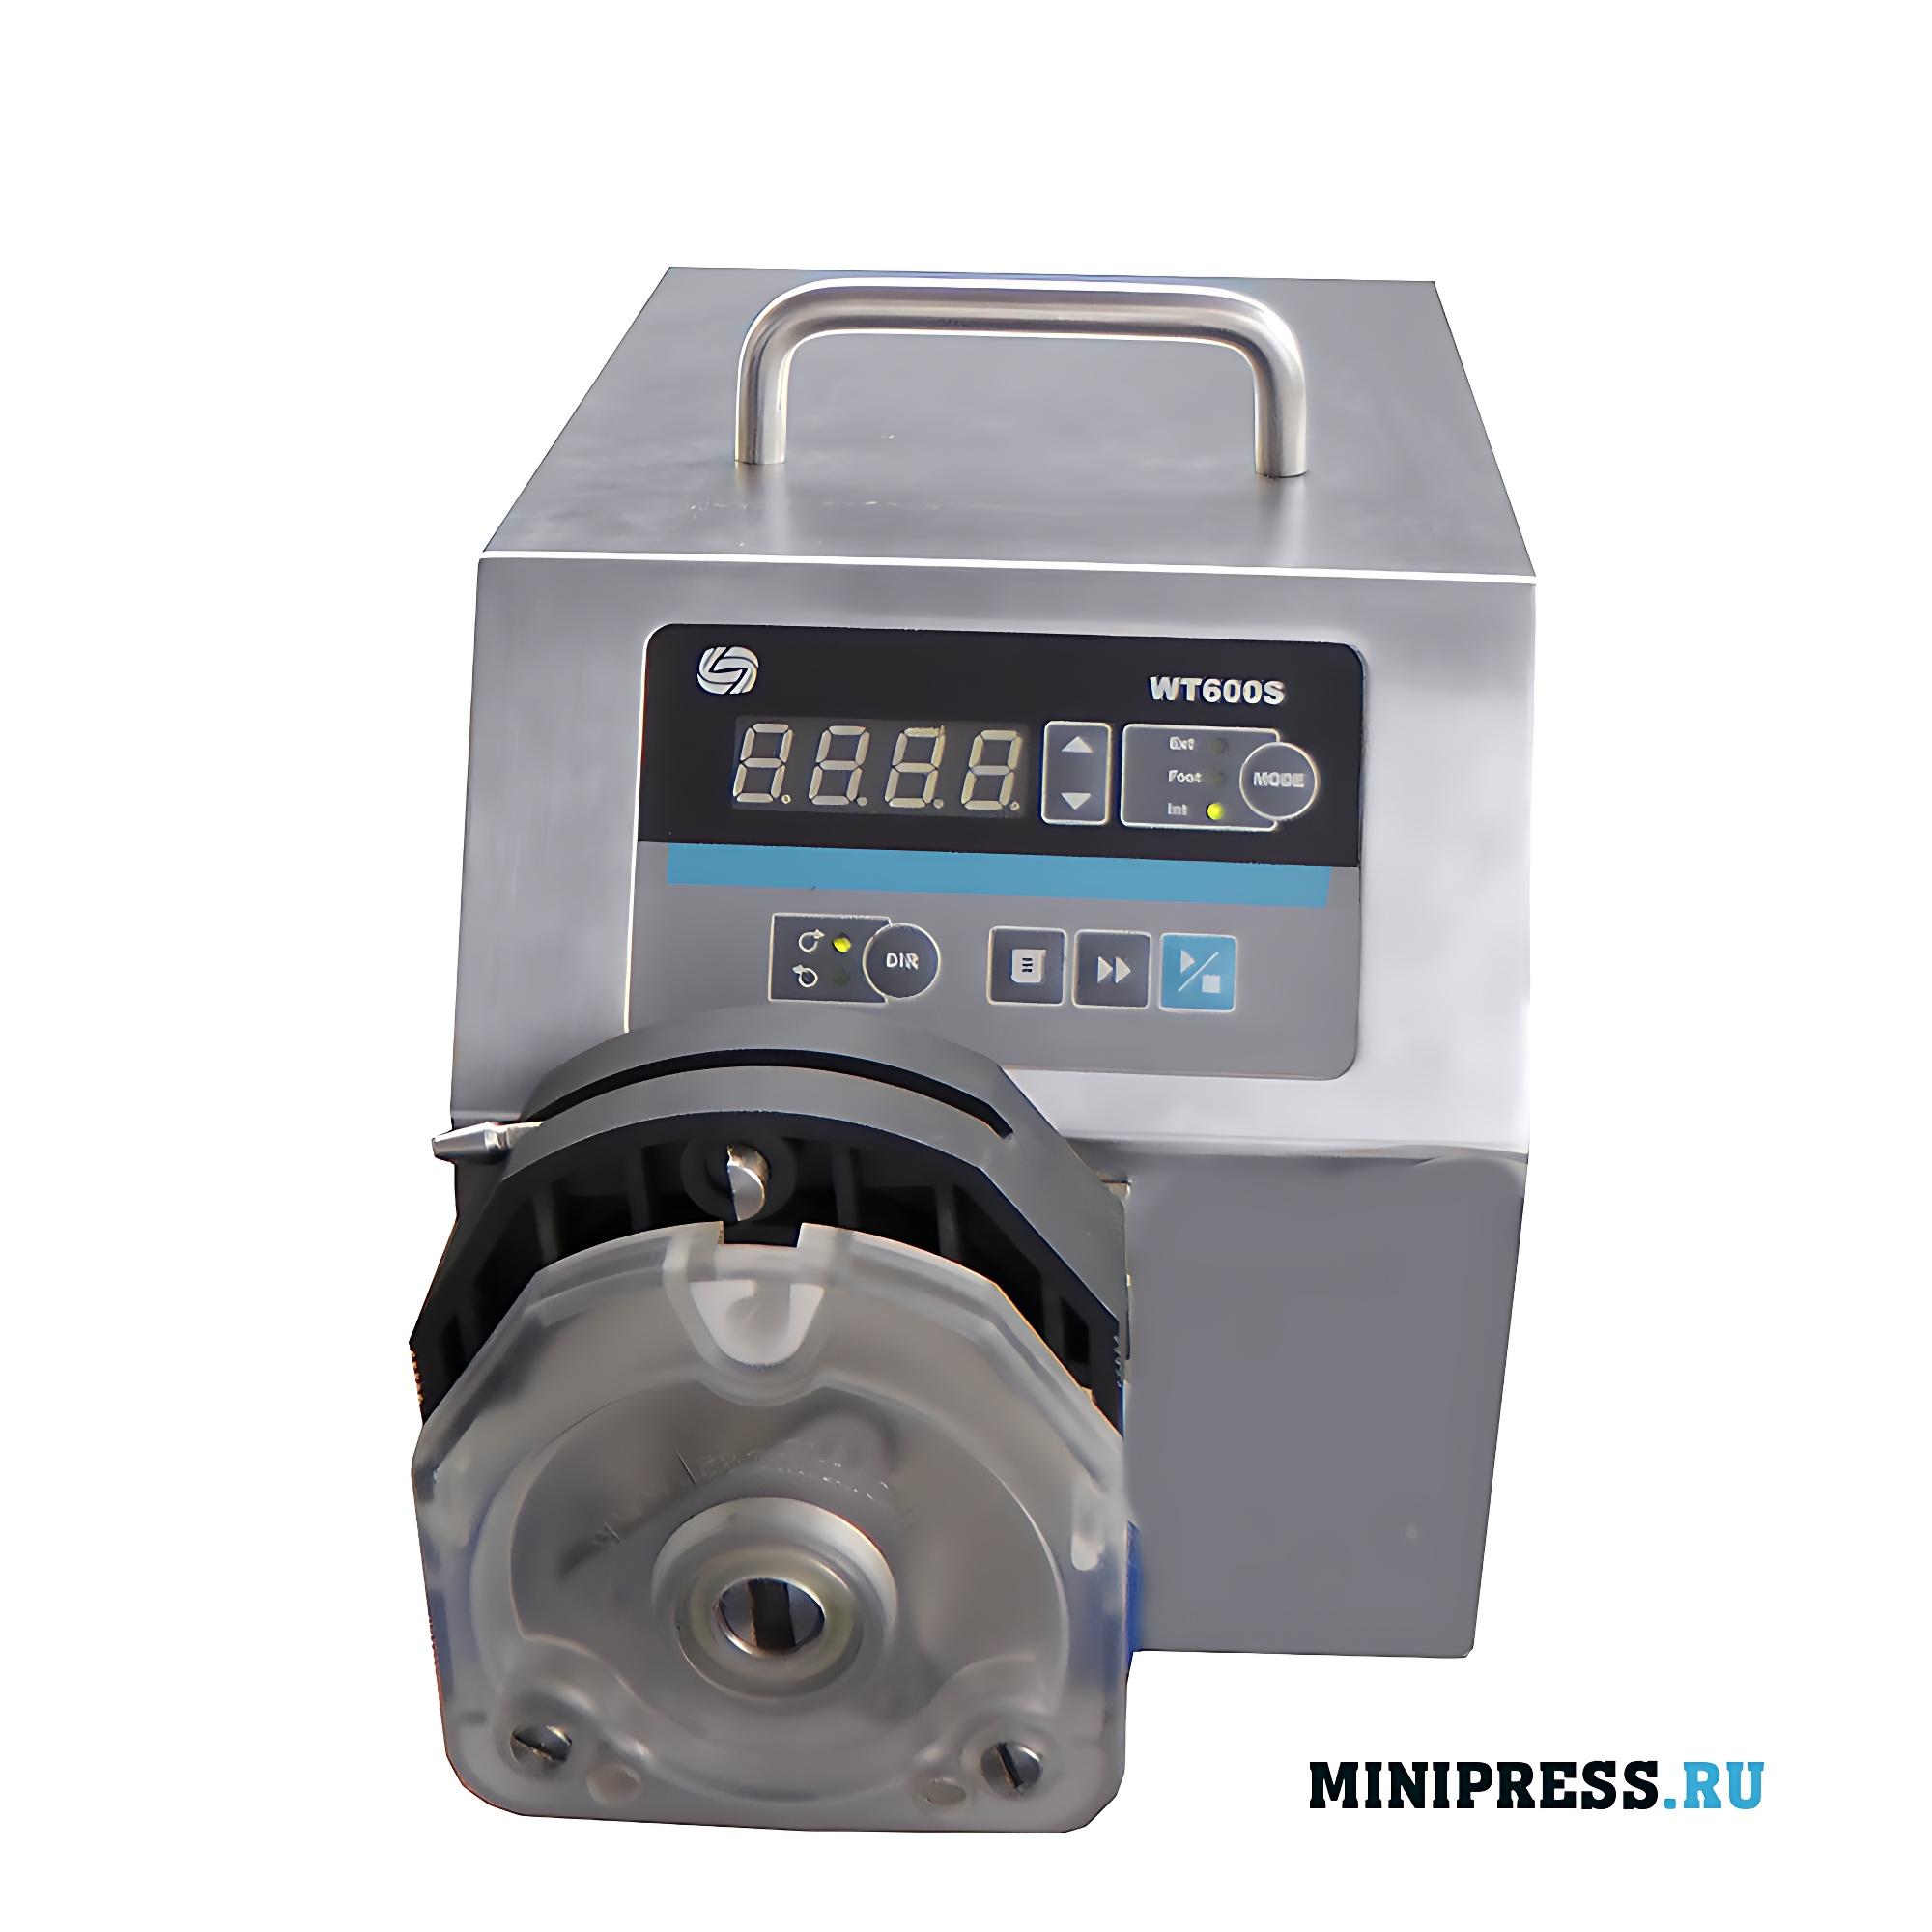 Производство и продажа перистальтических насосов; контроль точности розлива жидкостей